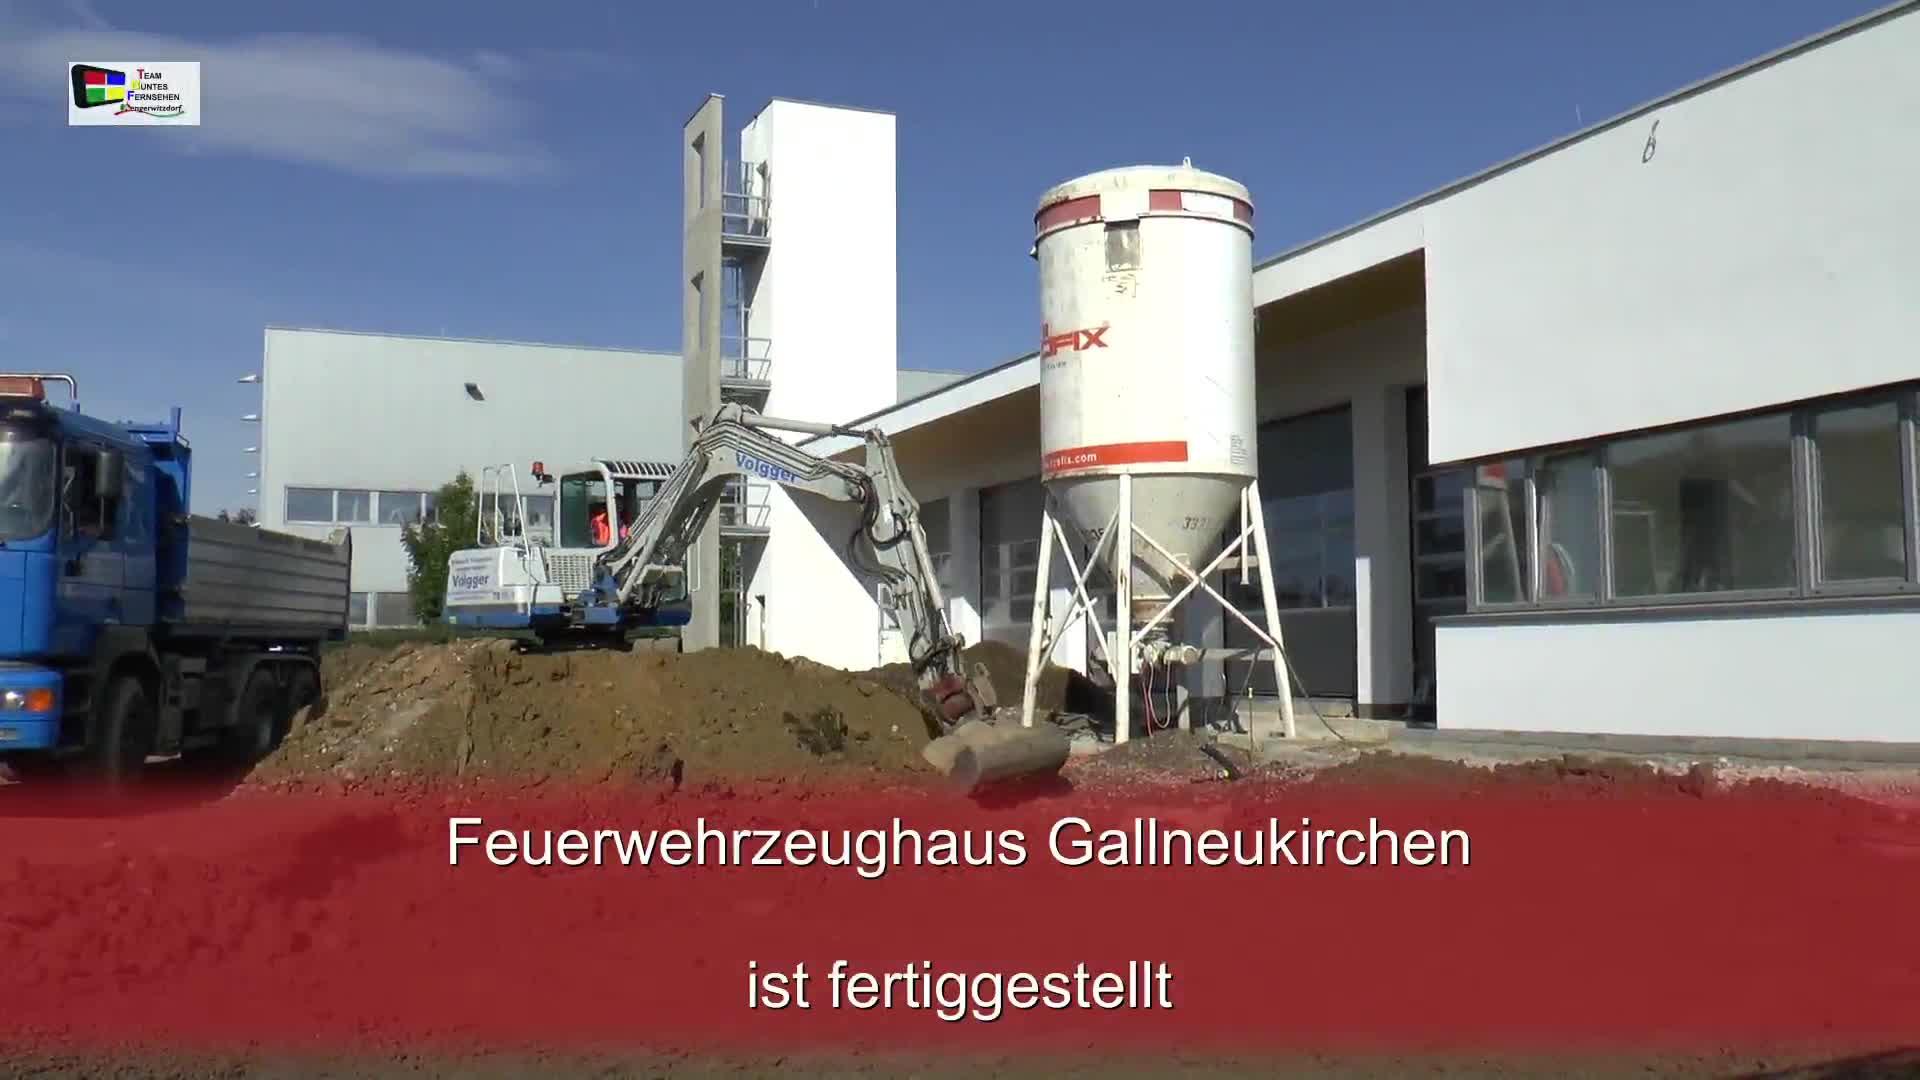 Feuerwehrzeughaus Gallneukirchen ist fertiggestellt